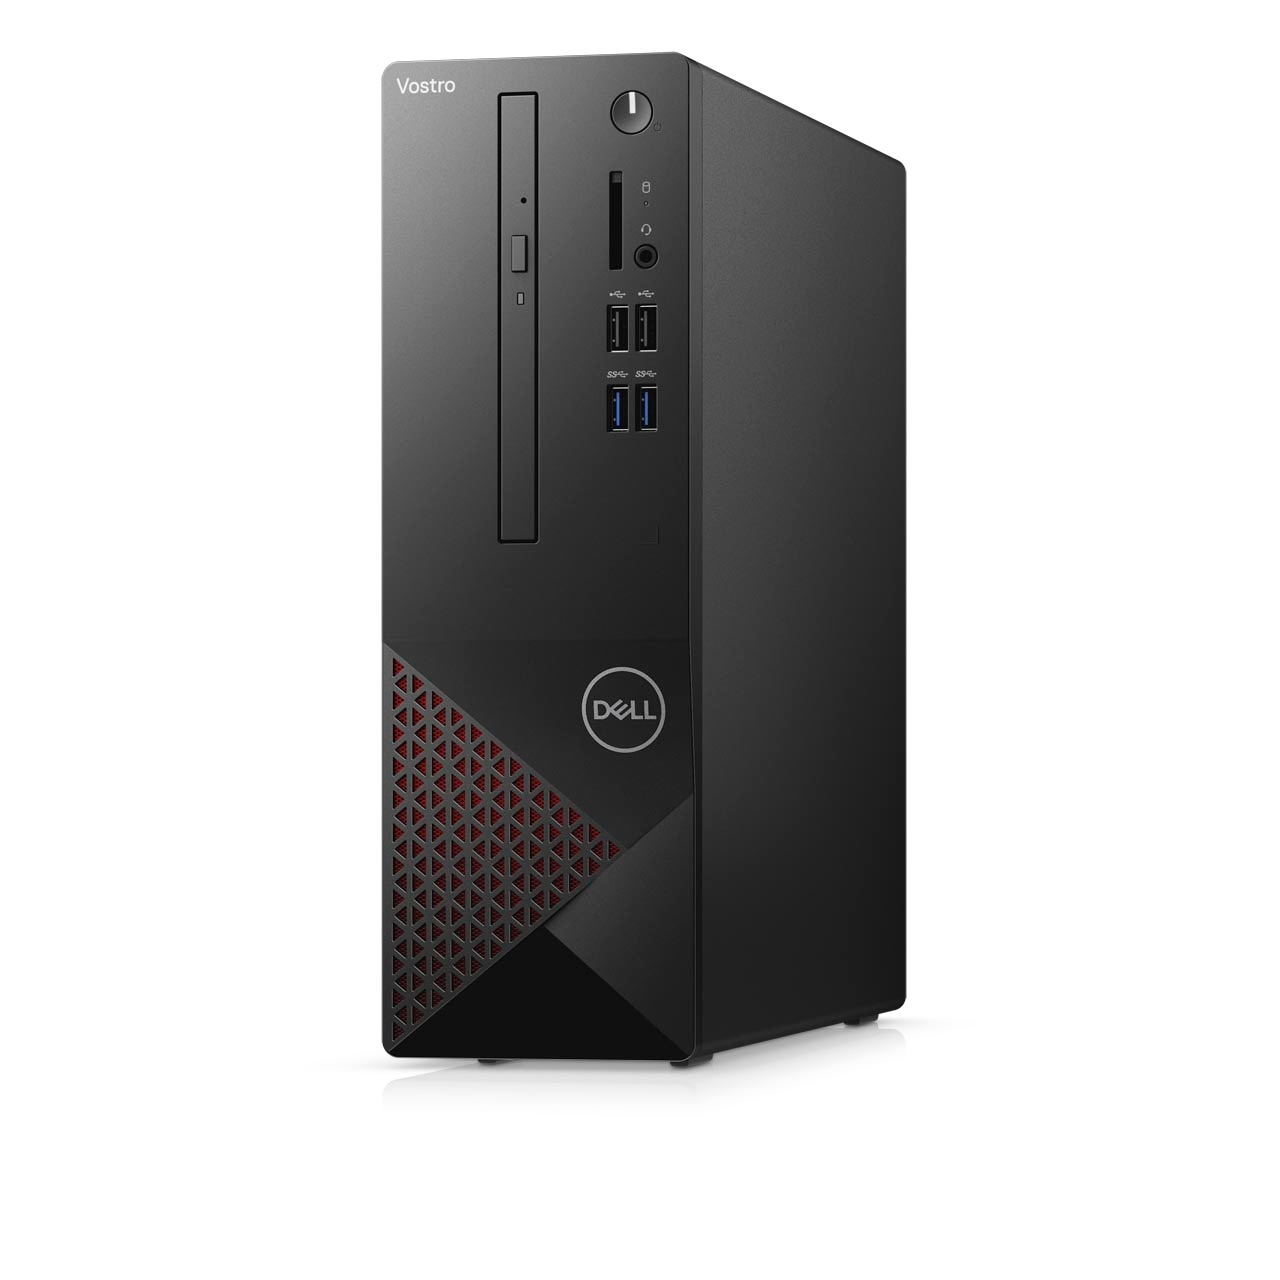 Vostro 3681 Desktop